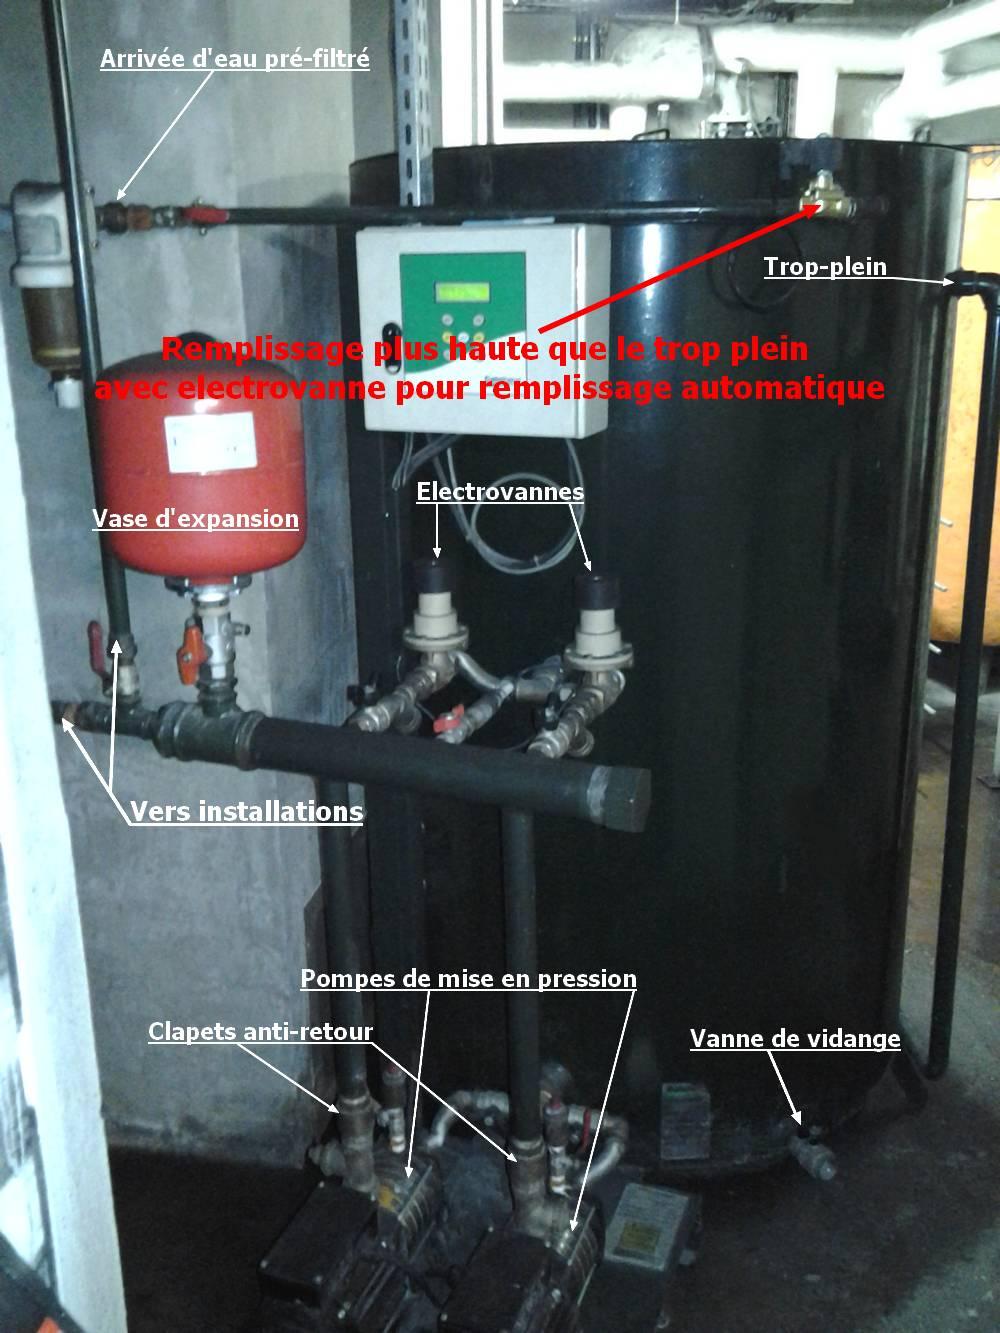 https://plombiers-reunis.com/Host/medias_2014/1406317737-disconnexion-par-surverse.jpg